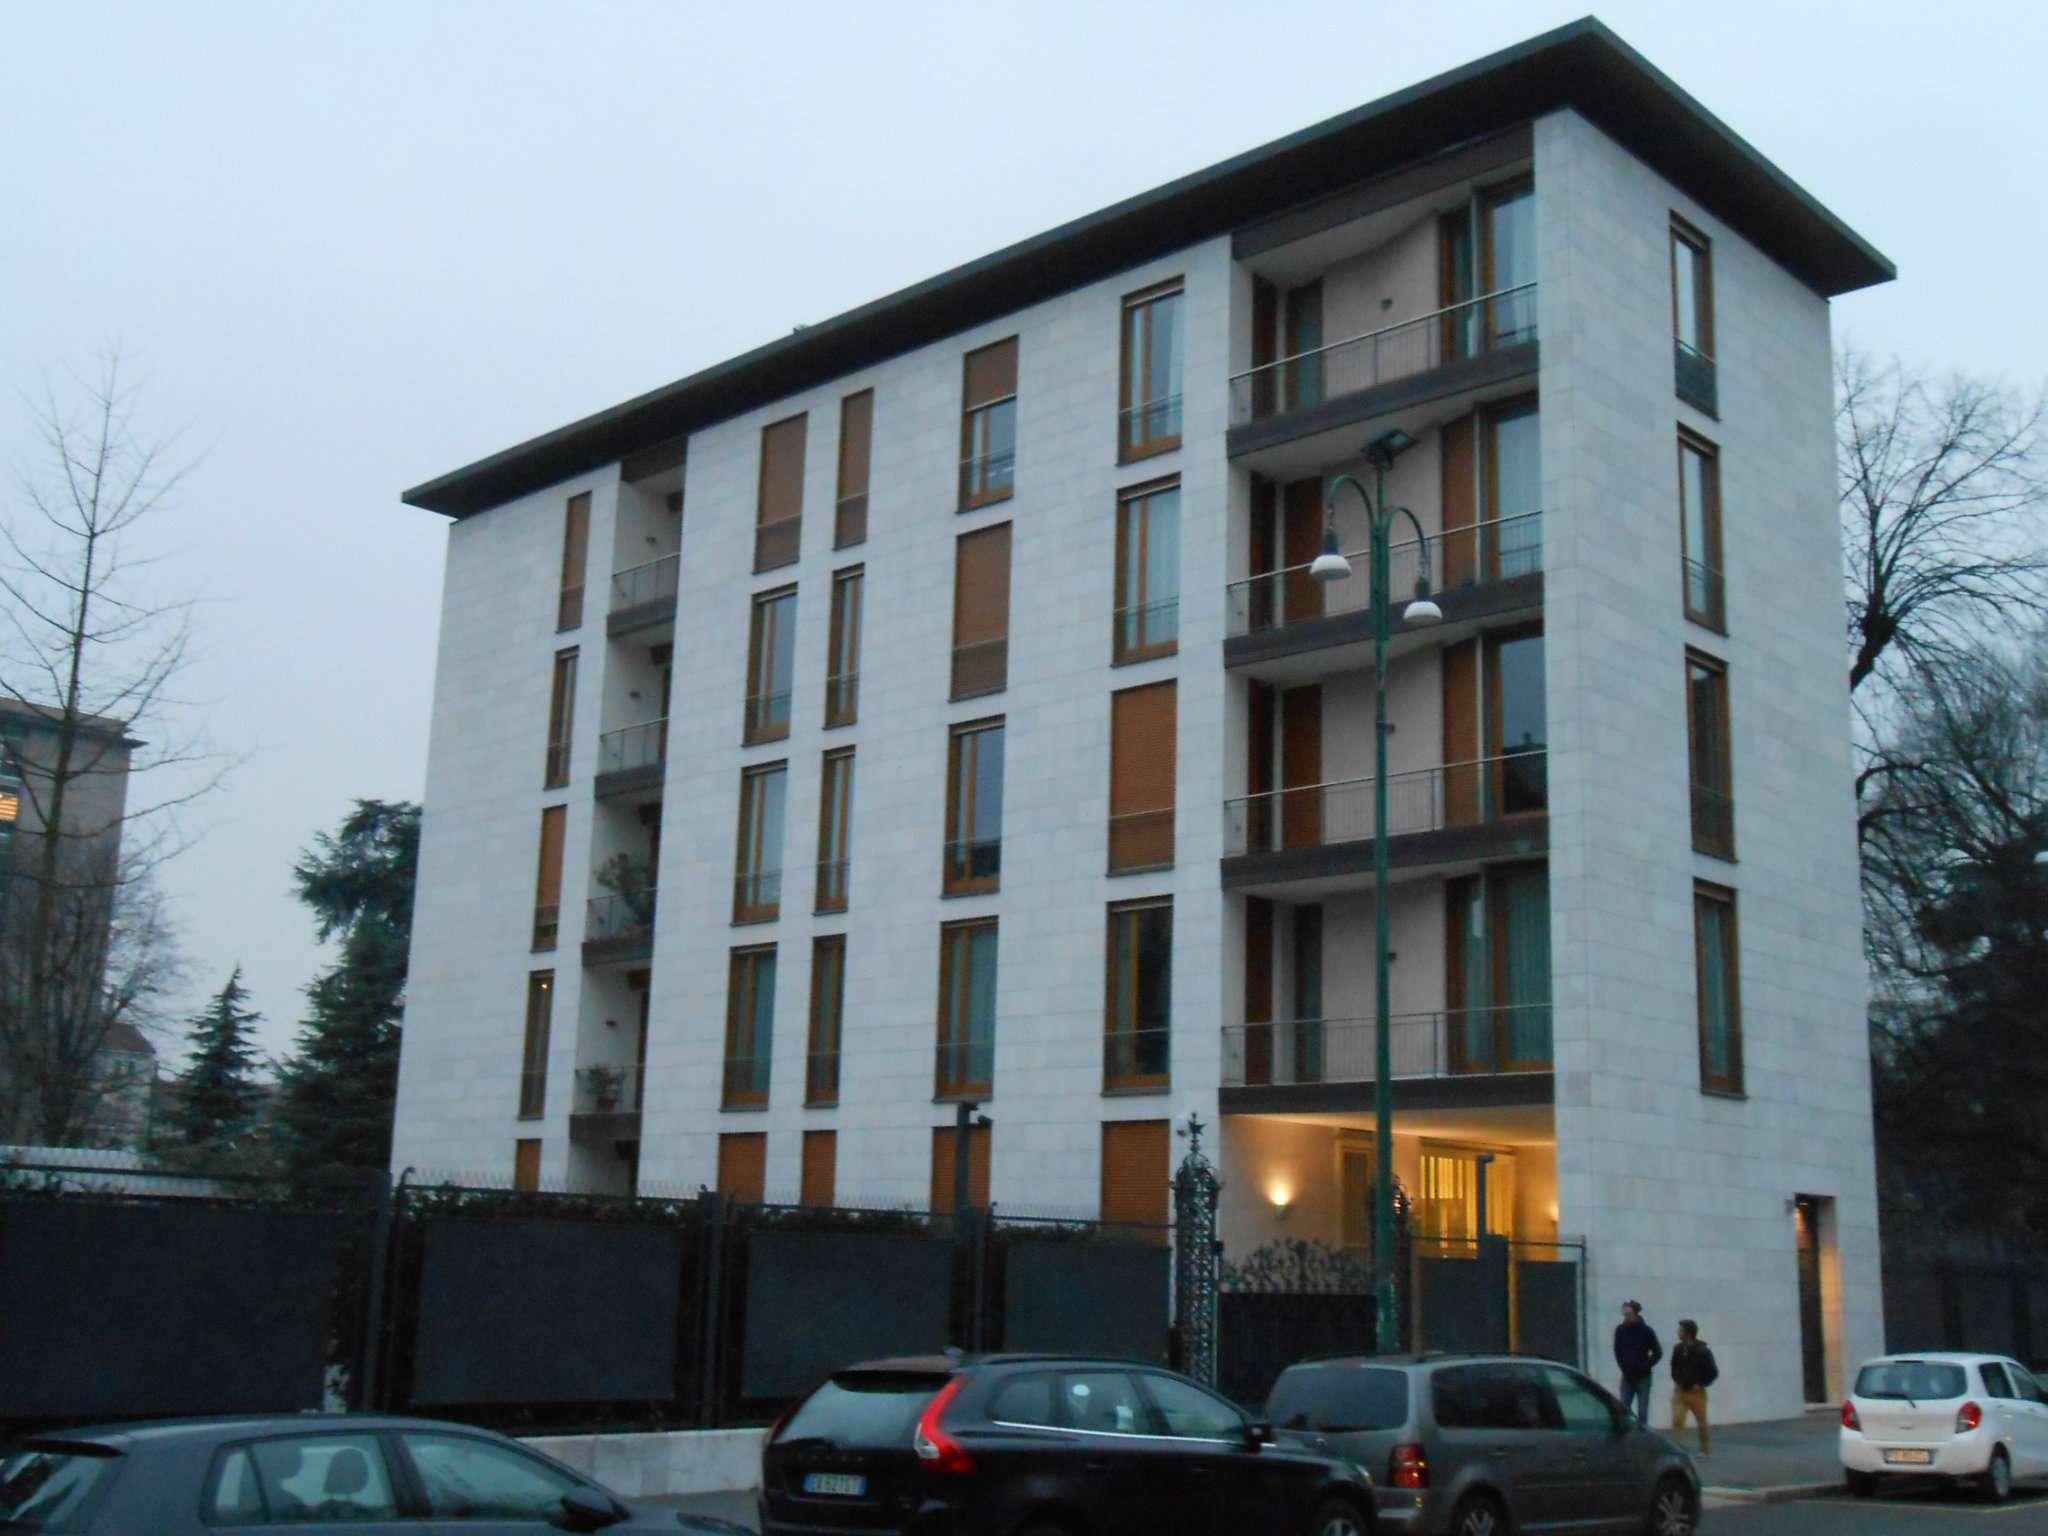 Appartamento in affitto a Milano, 2 locali, zona Zona: 1 . Centro Storico, Duomo, Brera, Cadorna, Cattolica, prezzo € 1.600   Cambio Casa.it